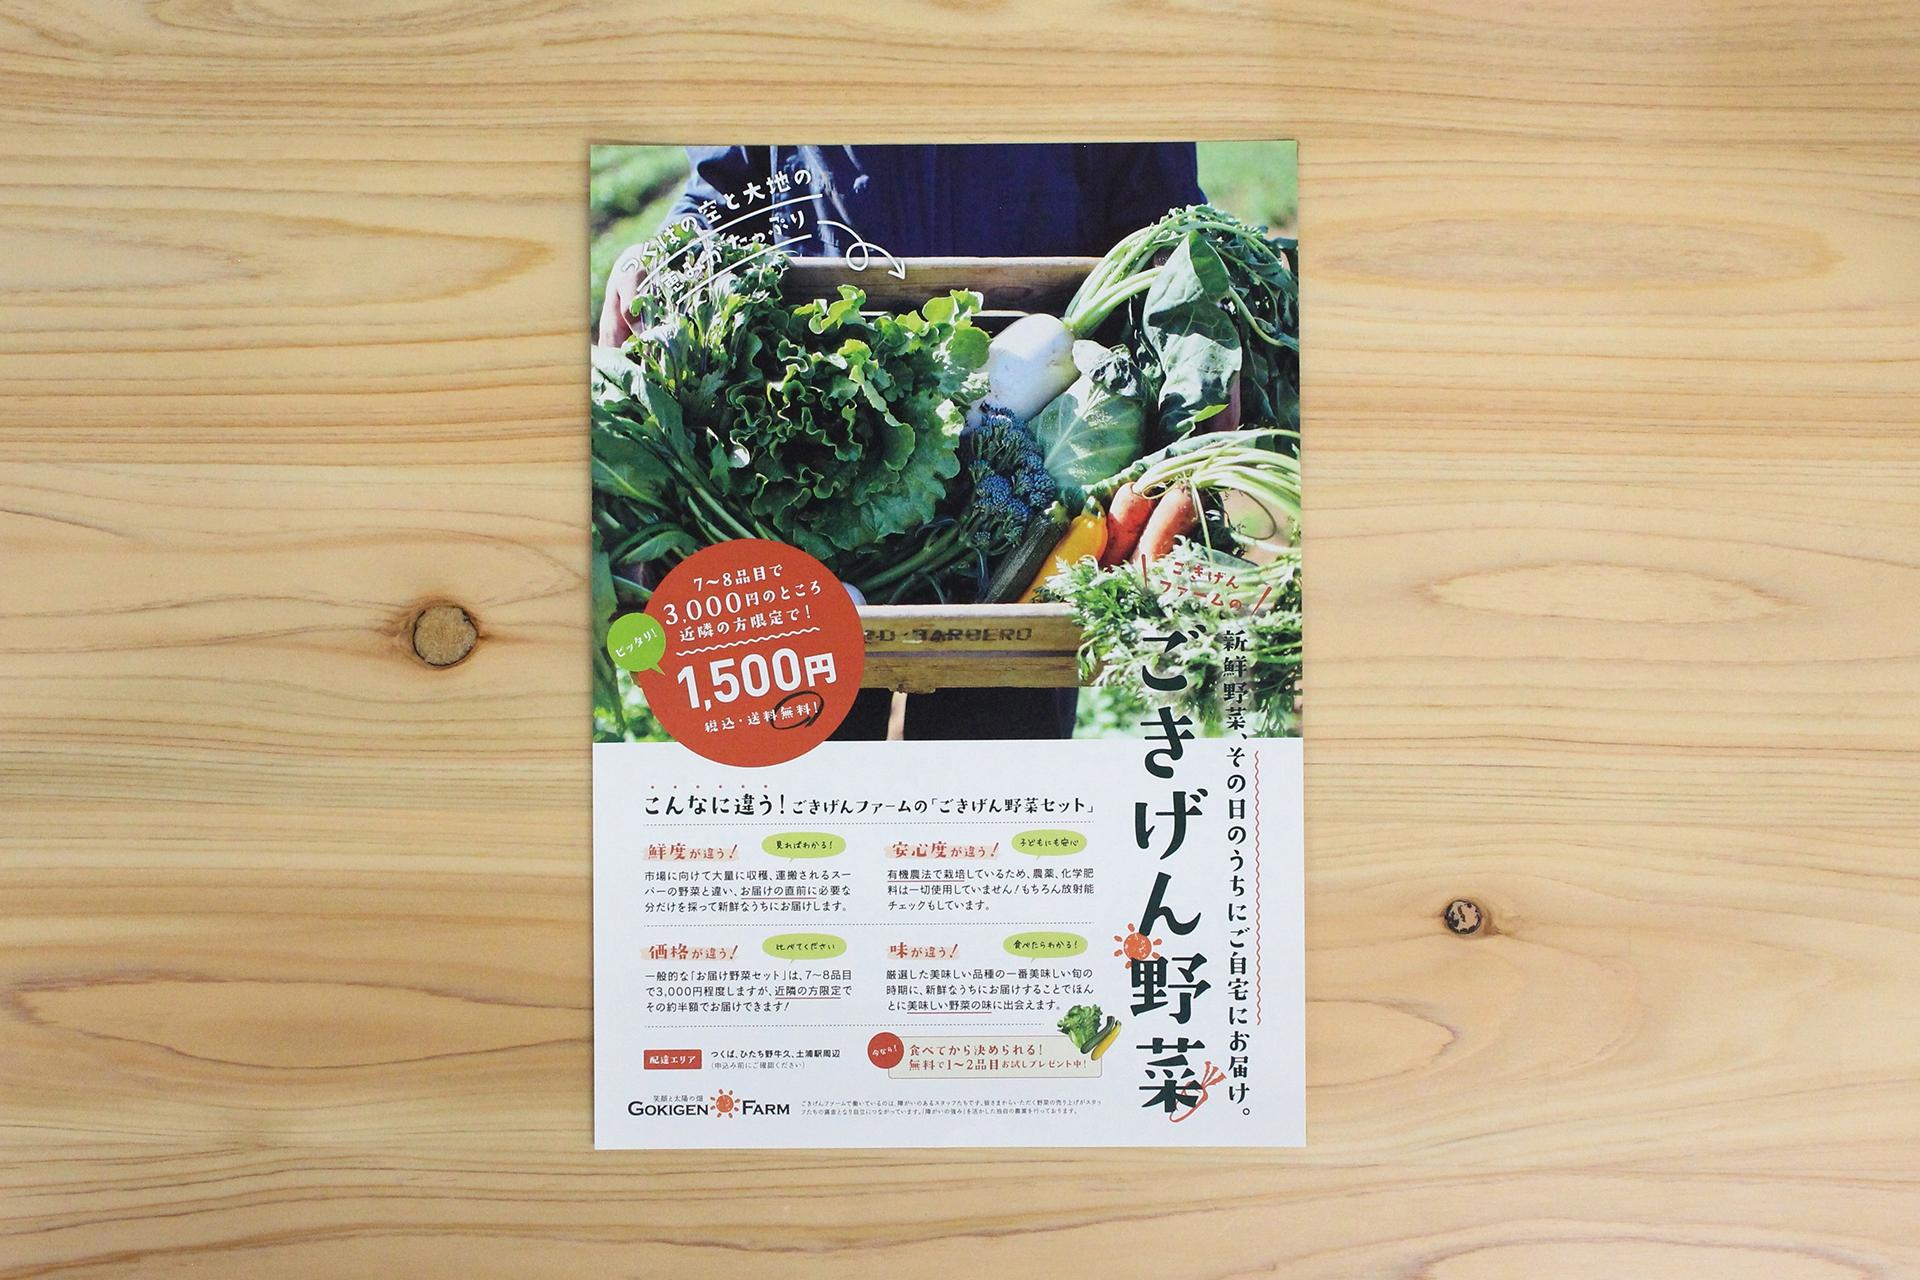 gokigennfarm